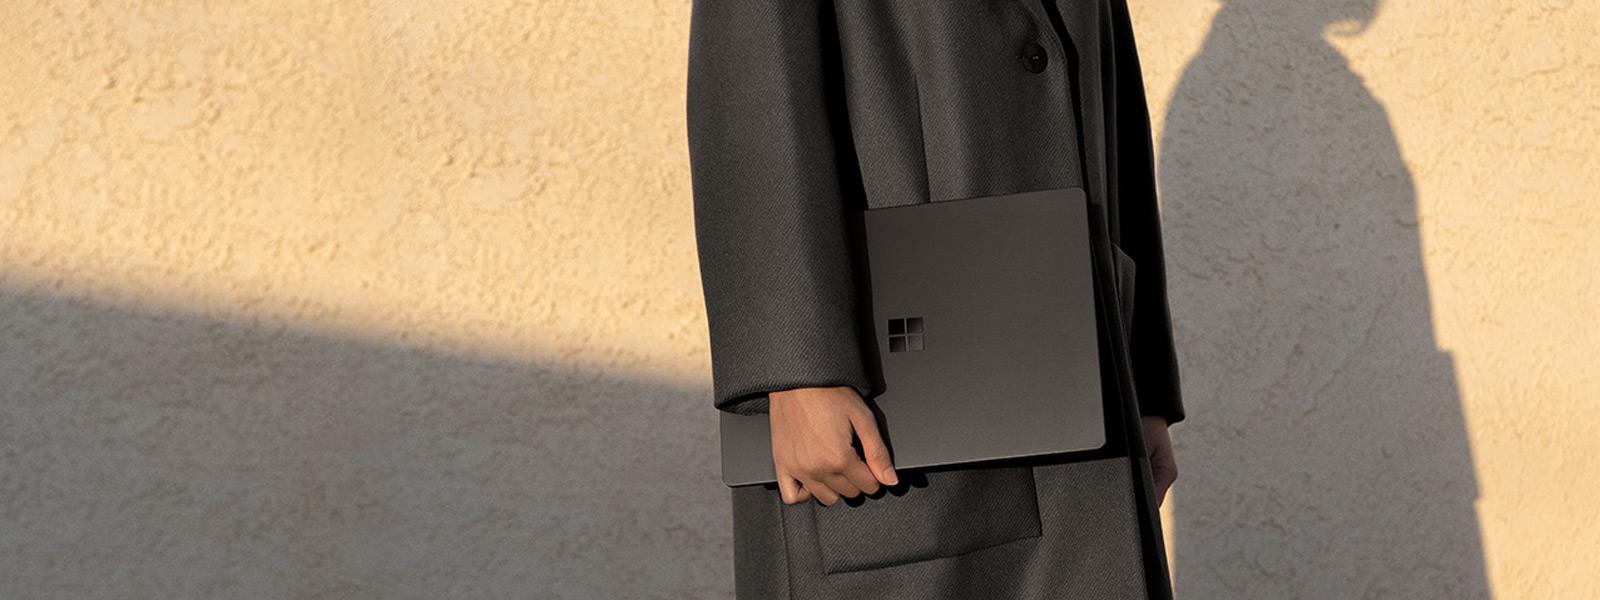 Une personne portant un manteau noir qui tient un SurfaceLaptop2 noir